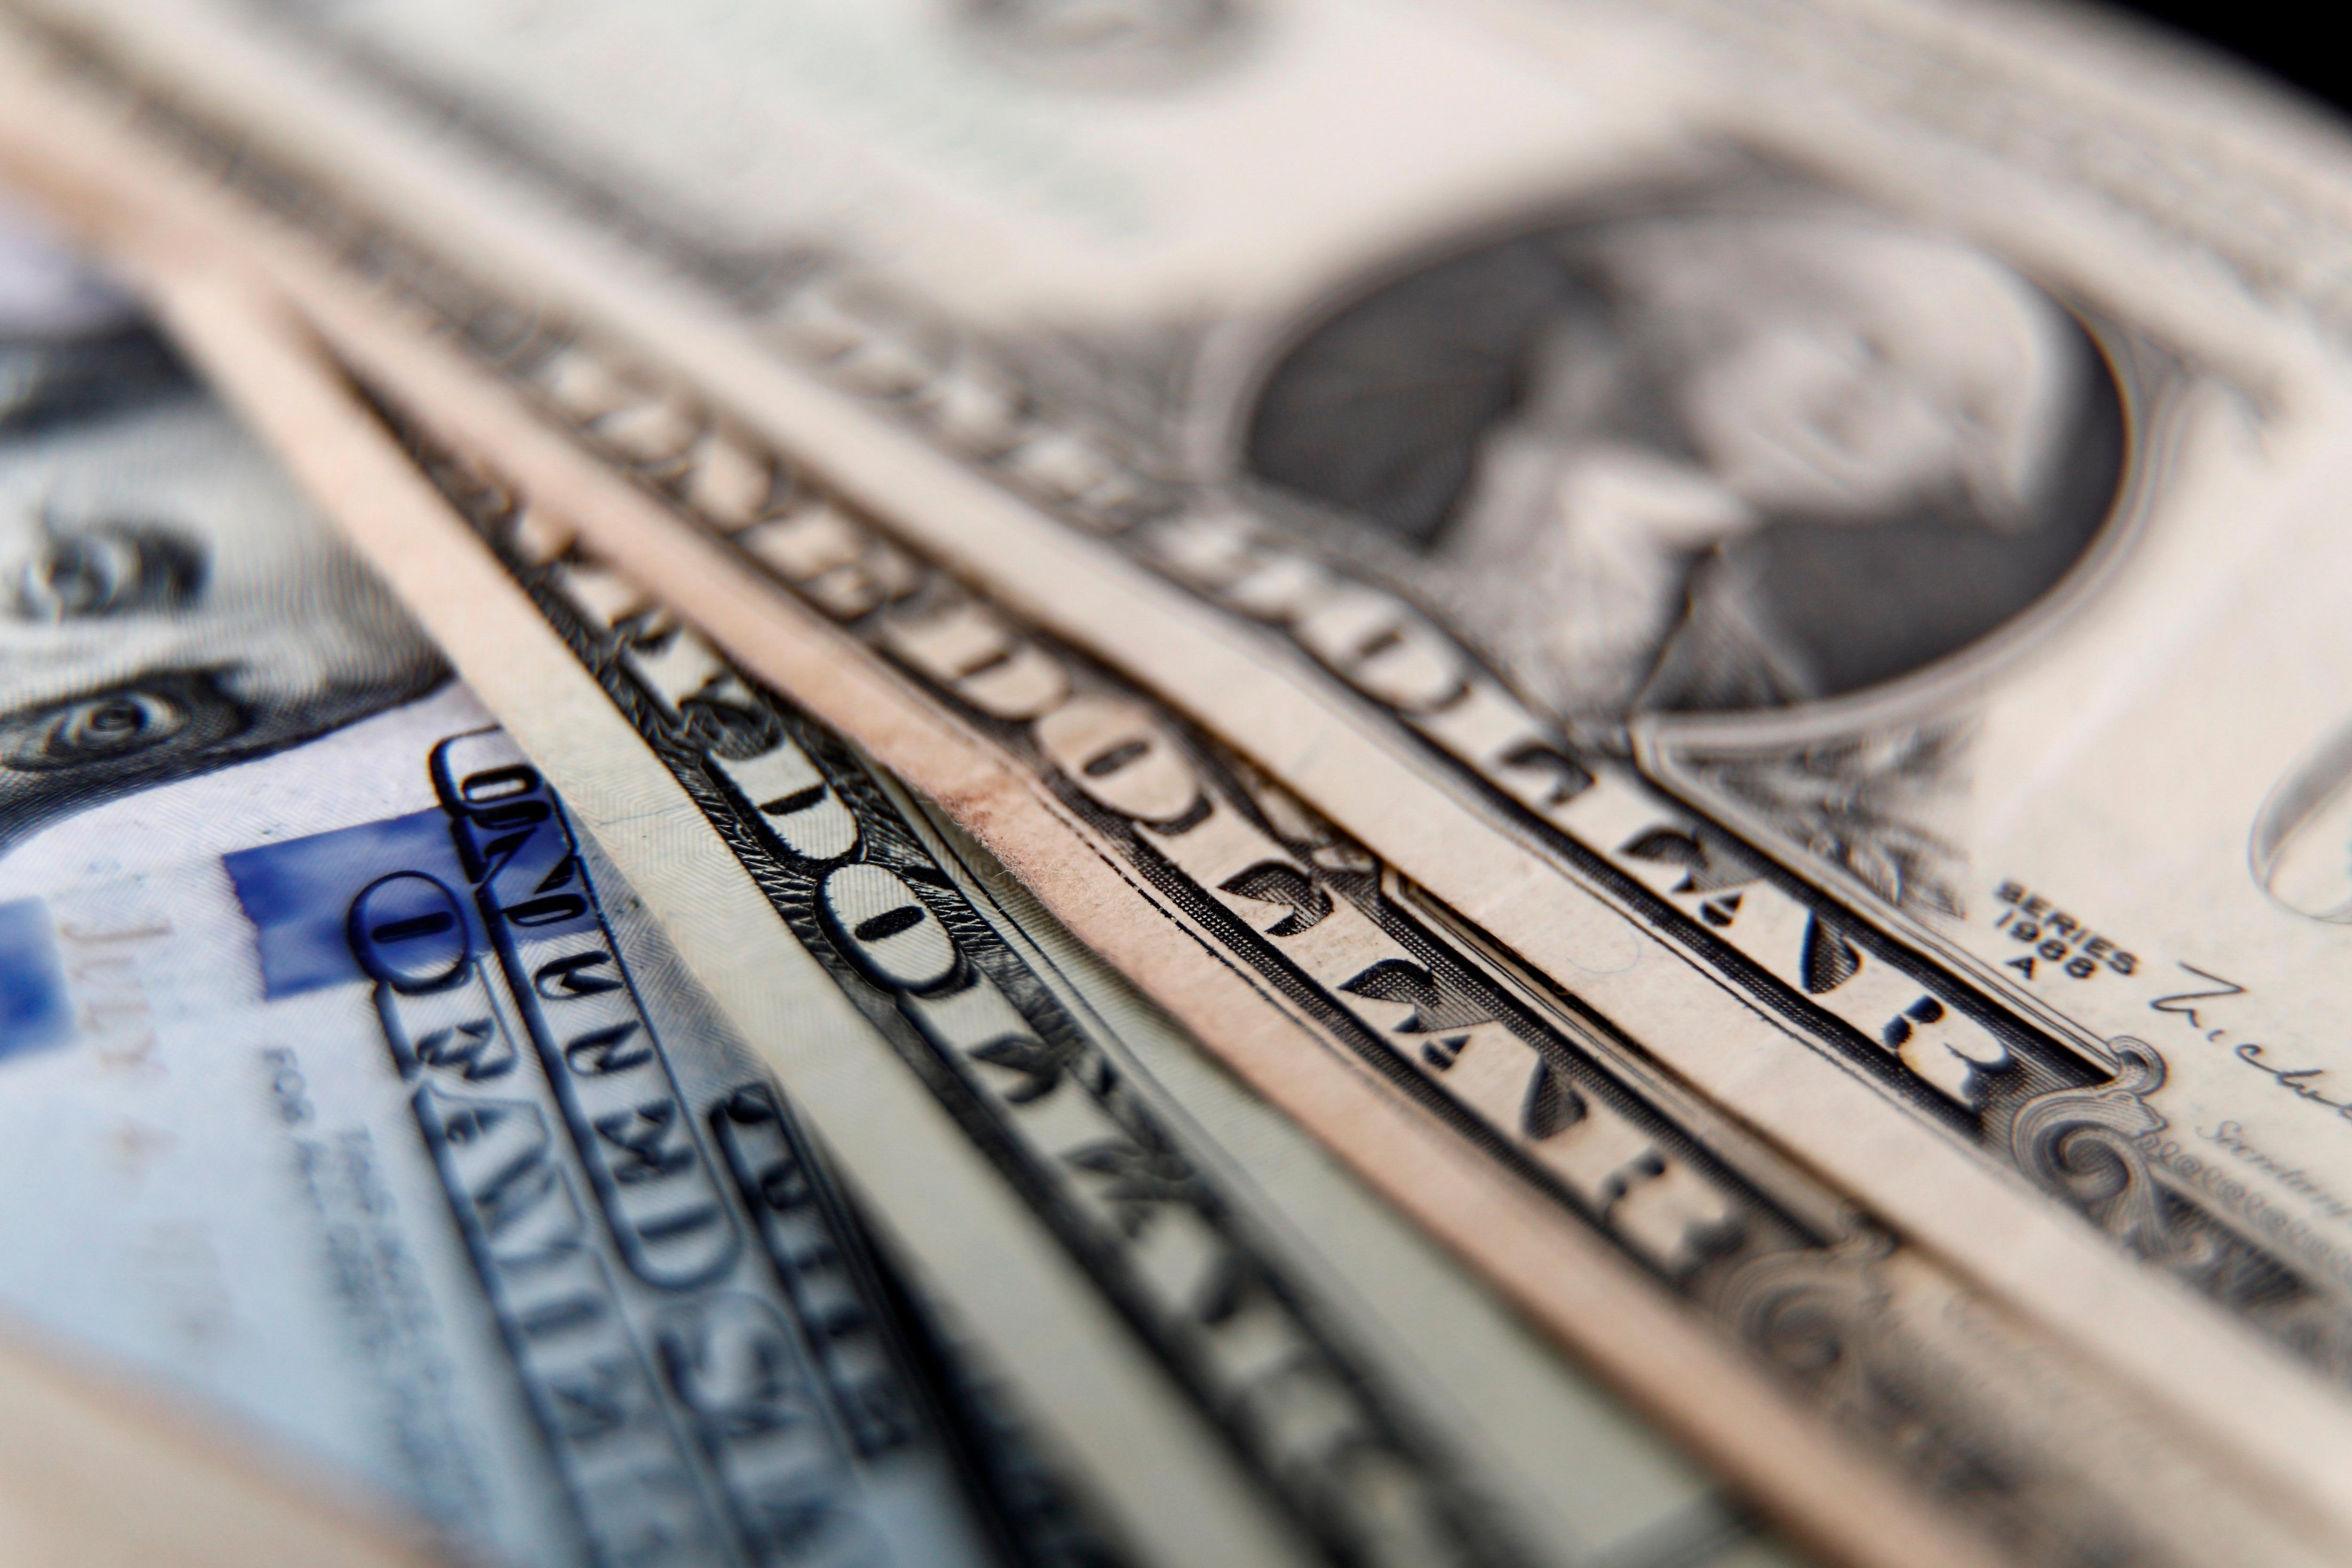 La divisa anota un incremento de 15 pesos o un 8,9% en el mes de julio.